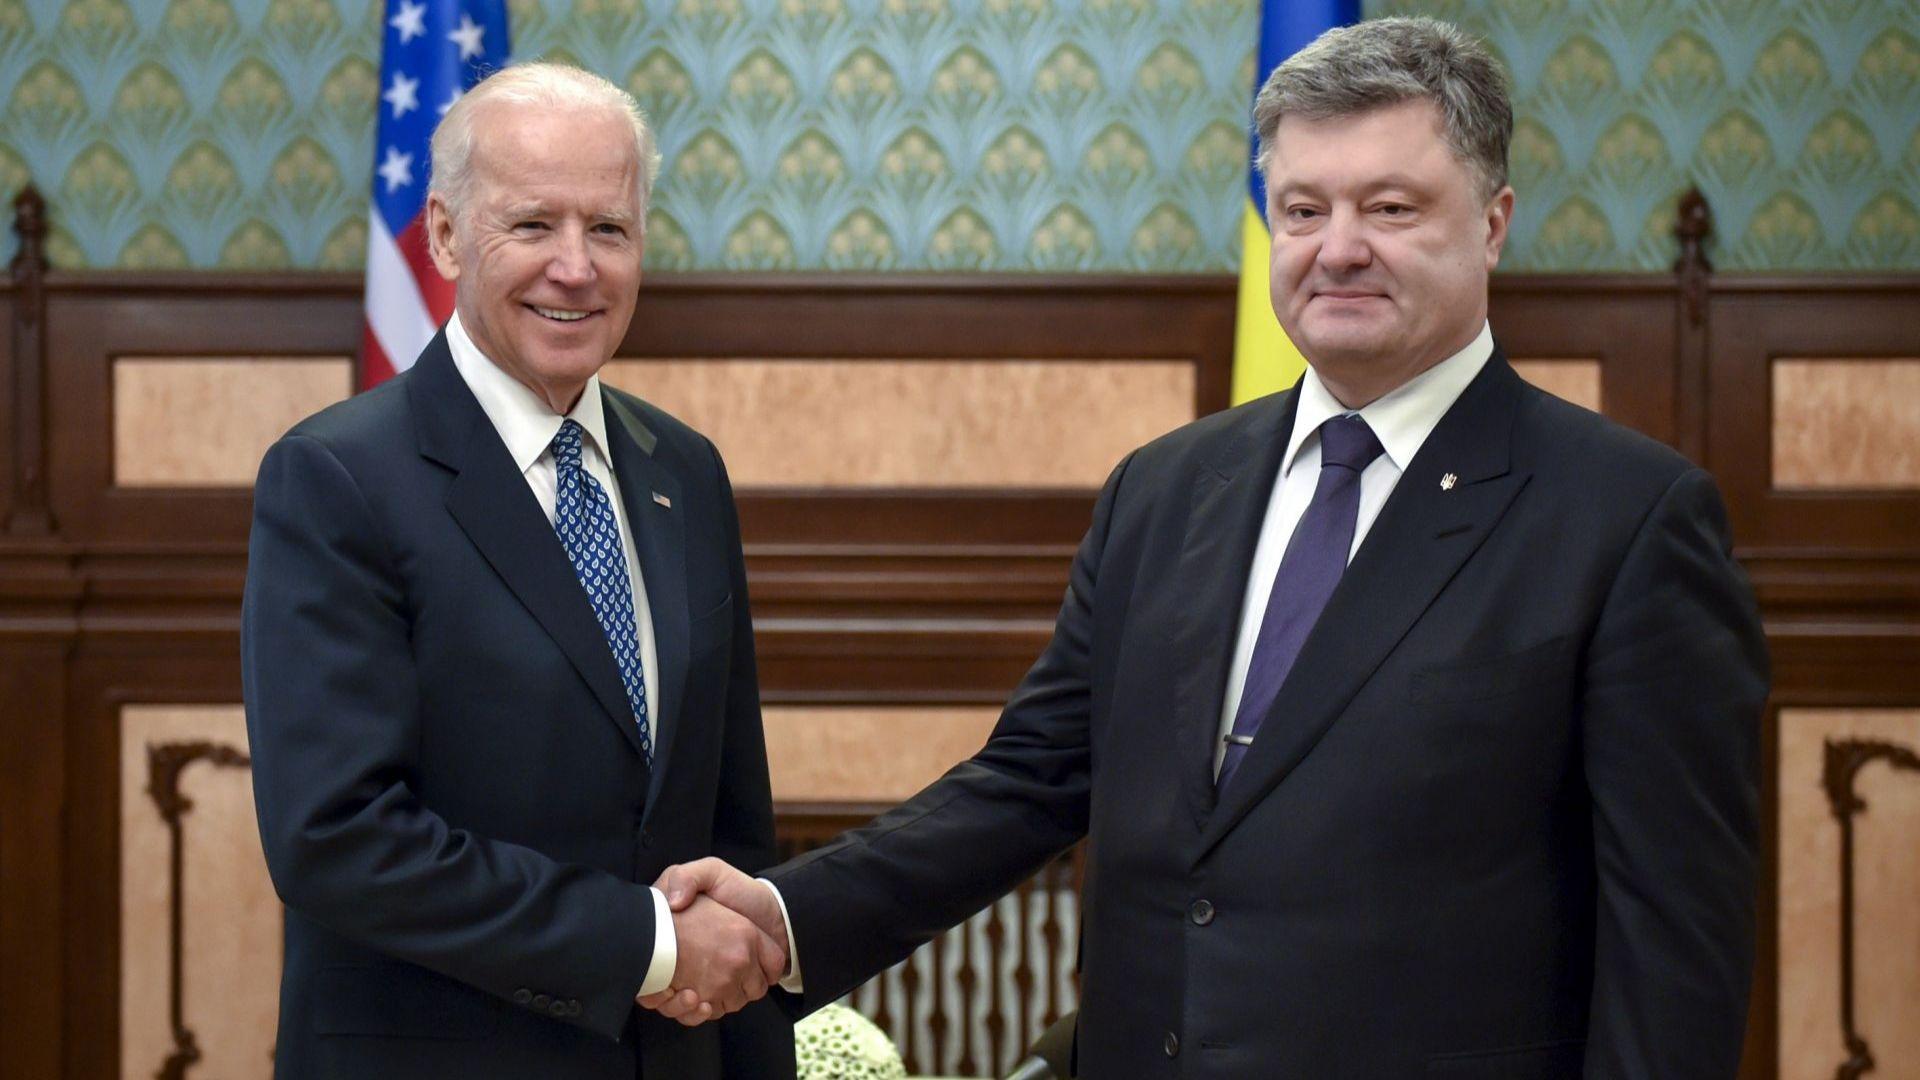 След записите с Байдън: Започва разследване за държавна измяна срещу Порошенко